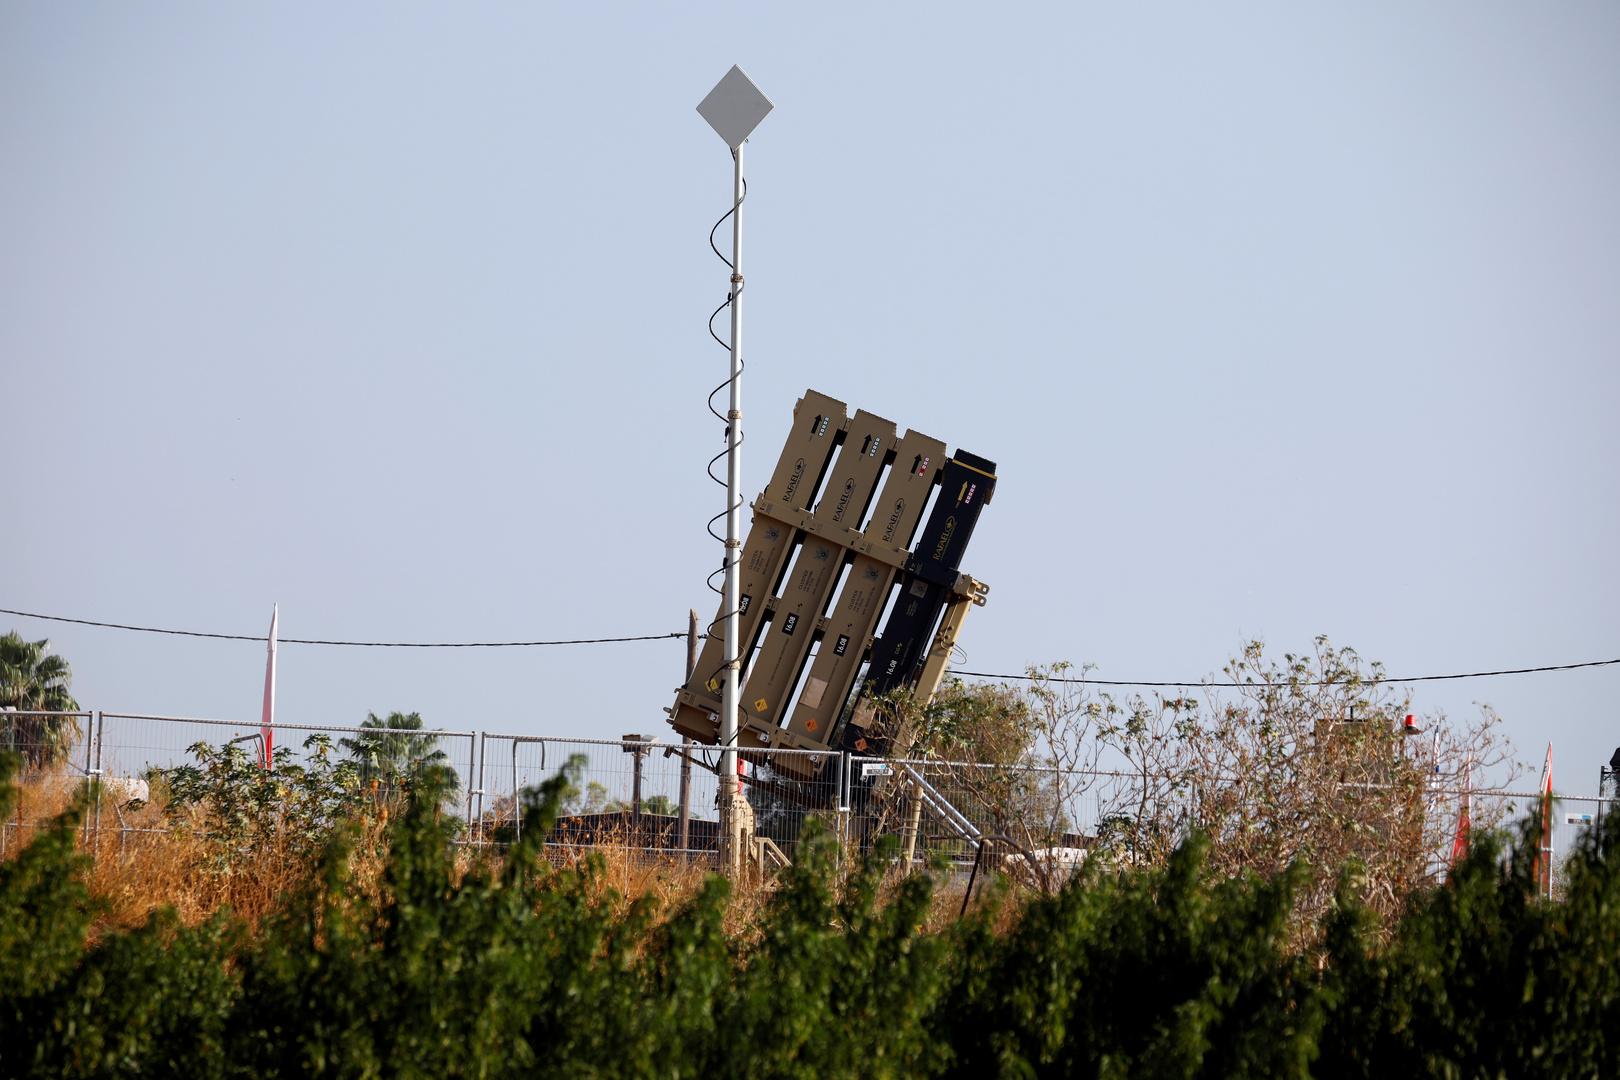 إسرائيل تعلن نجاح اختبارات نسخة محدثة من